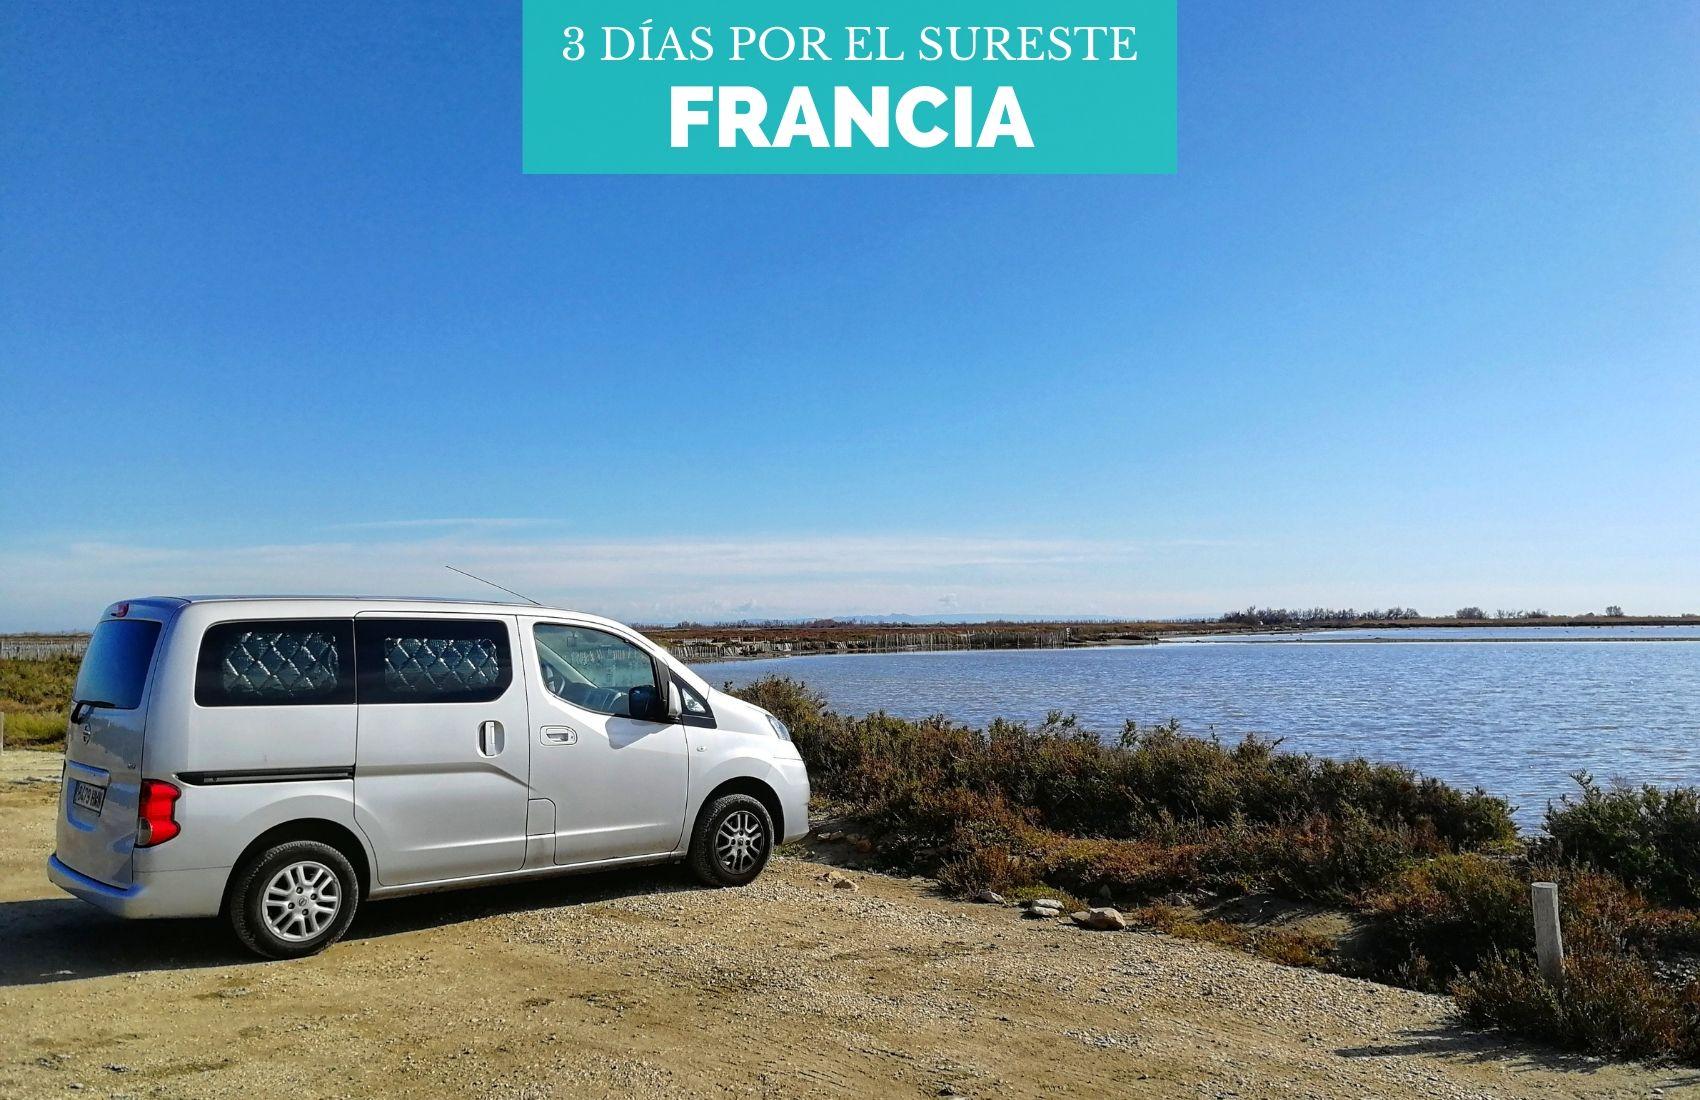 Portada-Francia-roadtrip-sudeste-3-dias